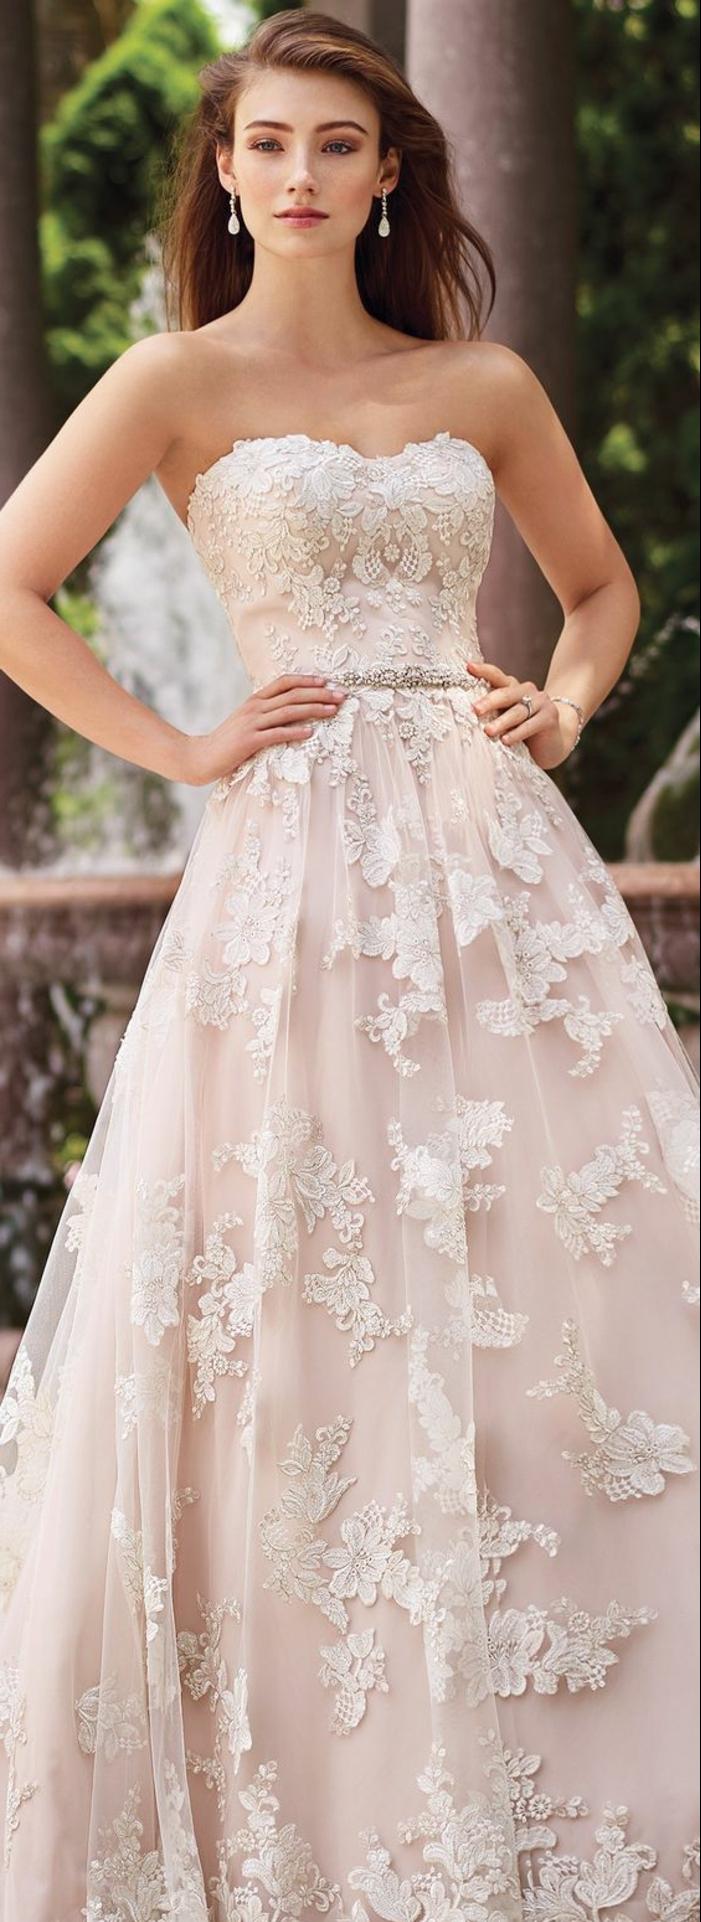 robe de mariée en couleur rose nude, robe bustier, boucles d oreilles pendantes